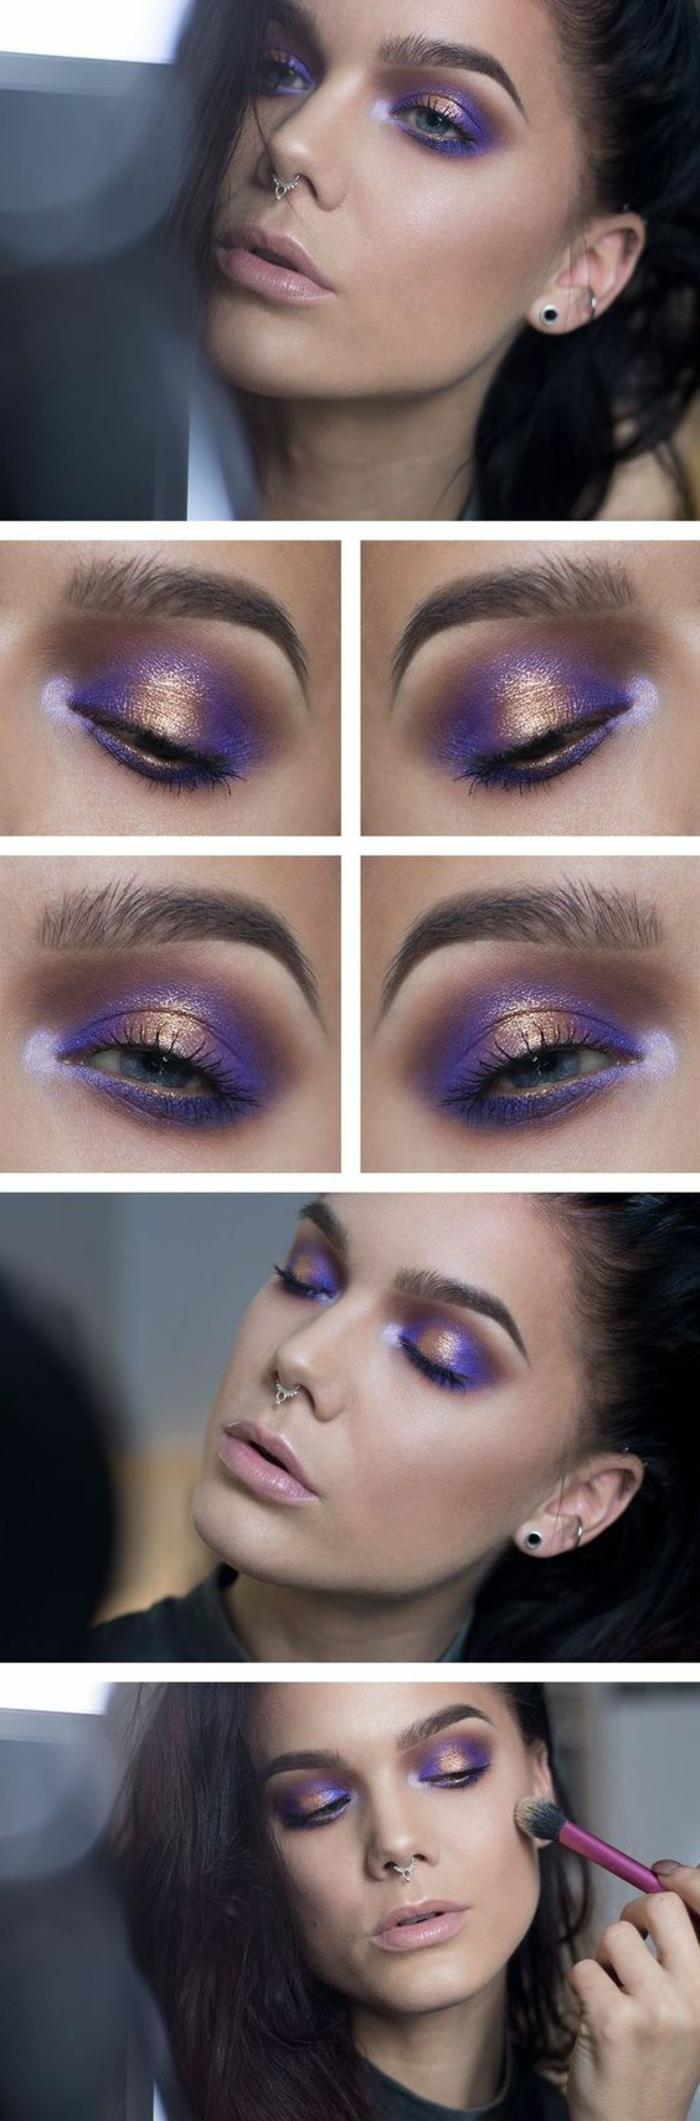 tutoriel-maquillage-maquillage-pour-brunes-avec-doré-et-lilas